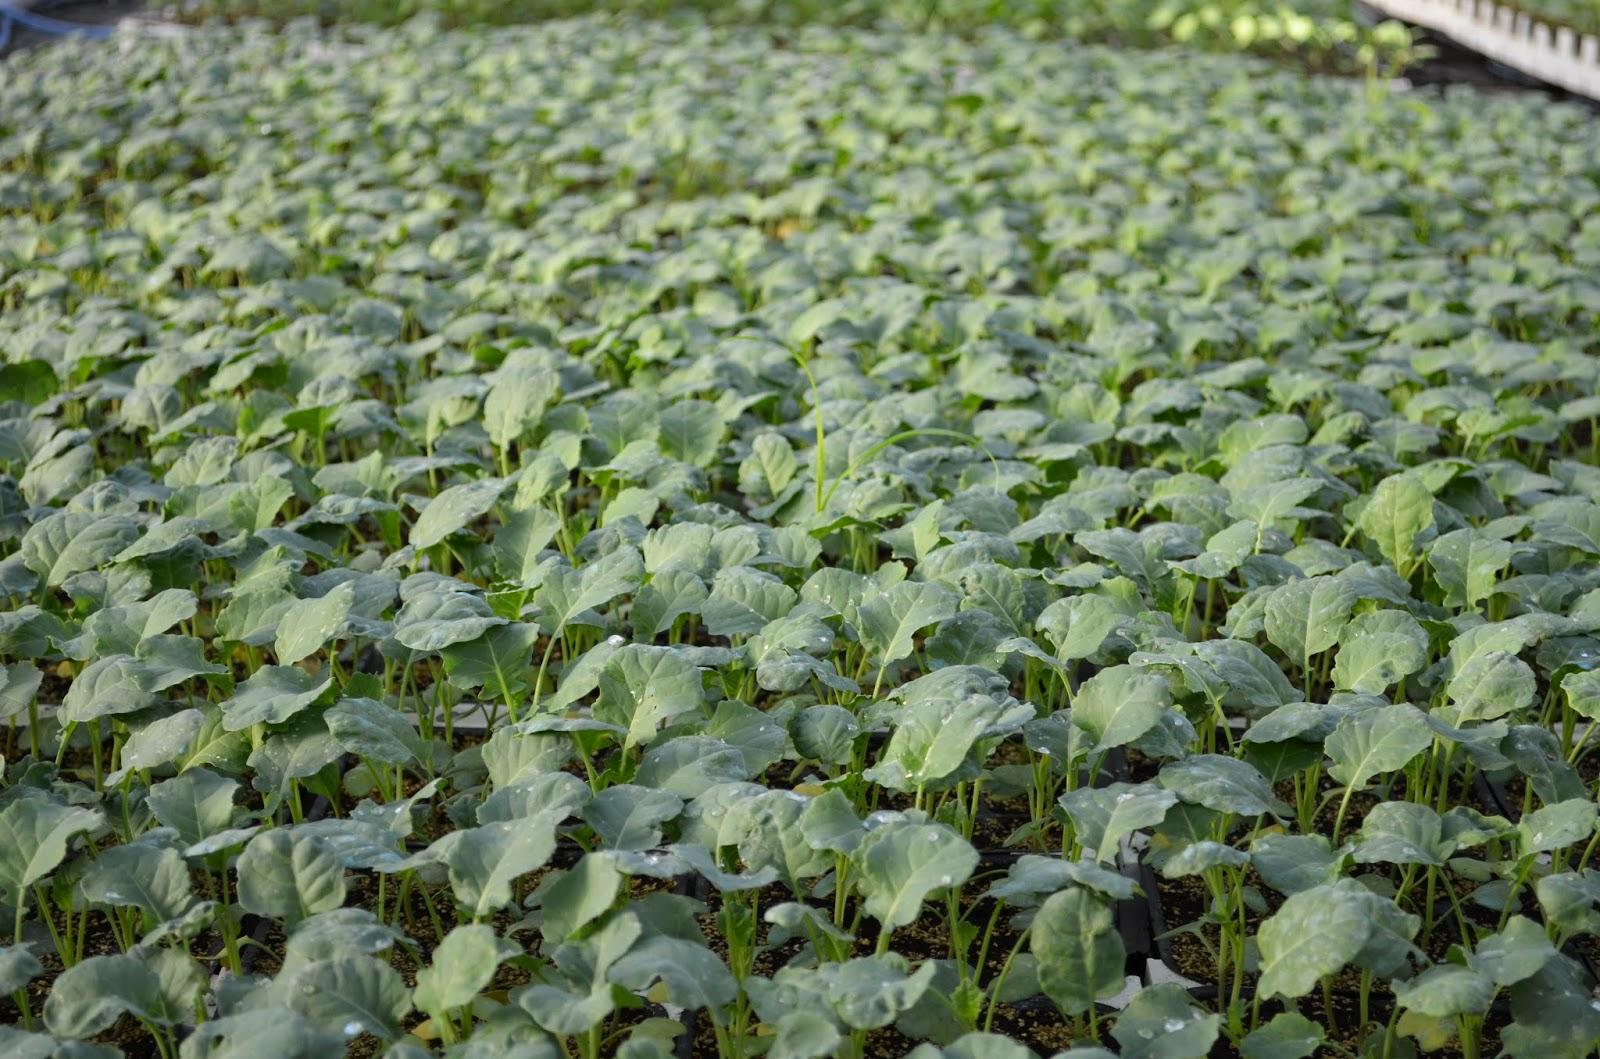 Piante fiori sementi sardegna vendita ingrosso e for Vendita piante orto